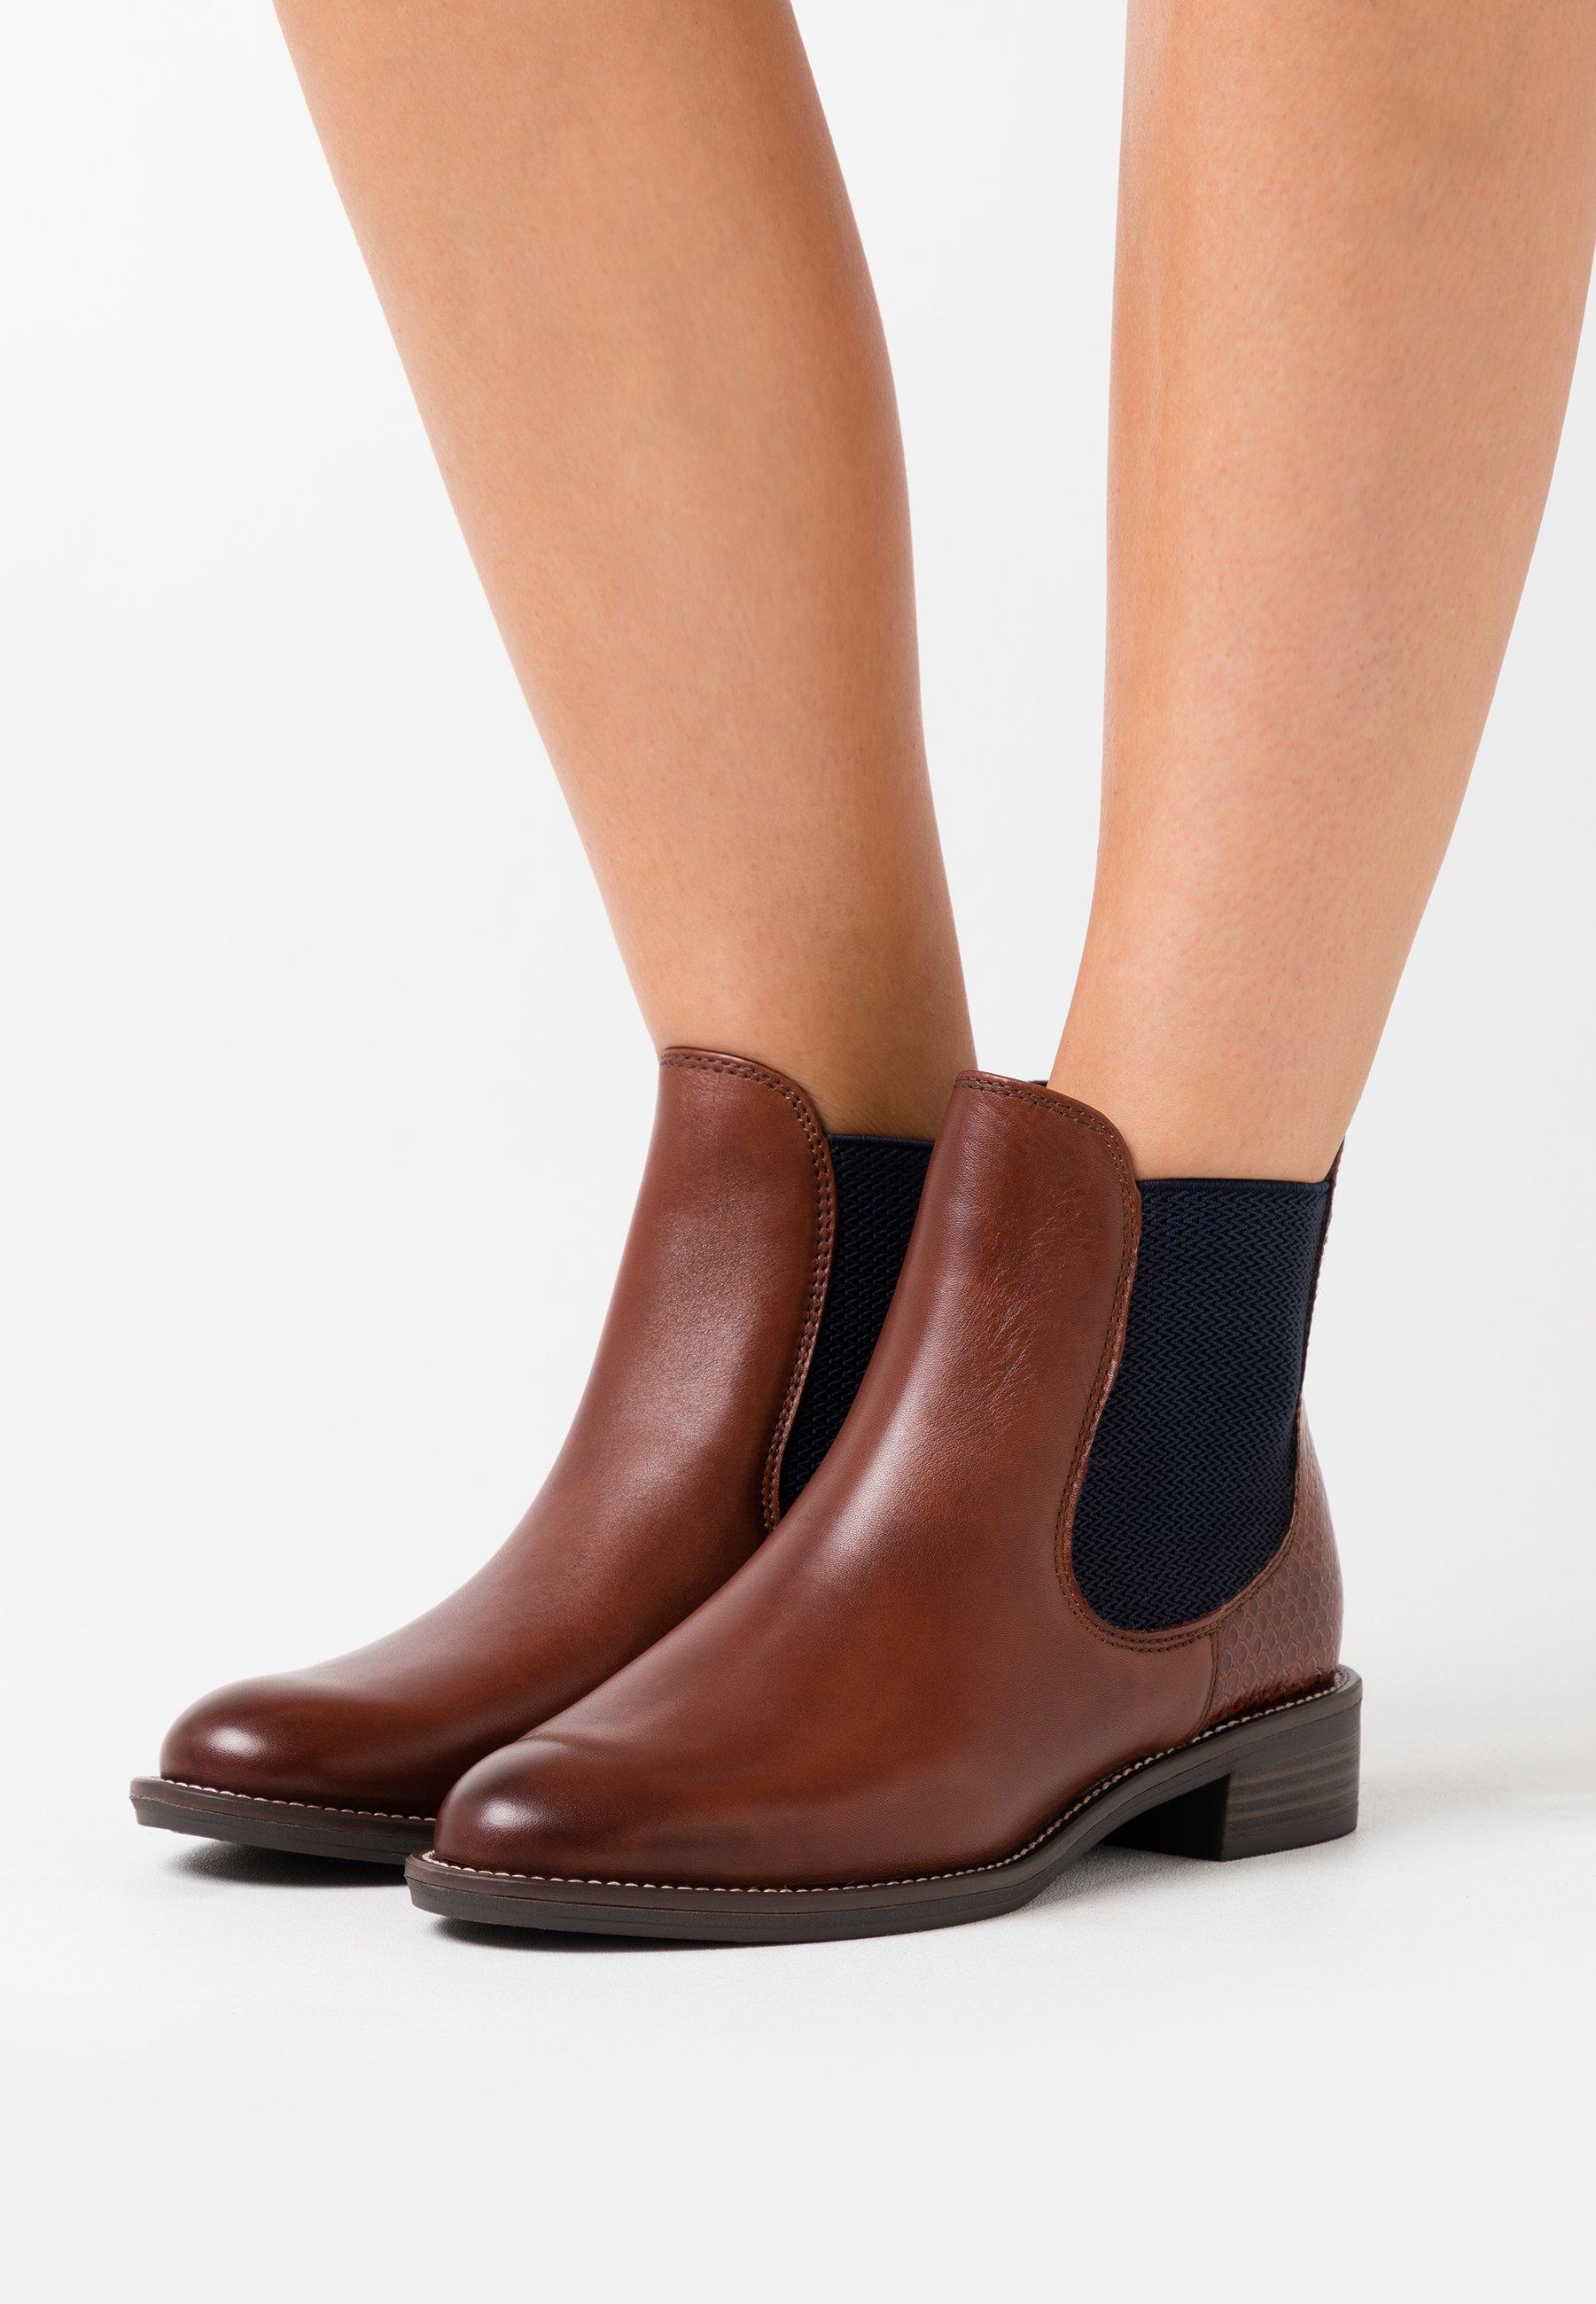 Tamaris Stiefelette - brandy | Damen Schuhe 2020